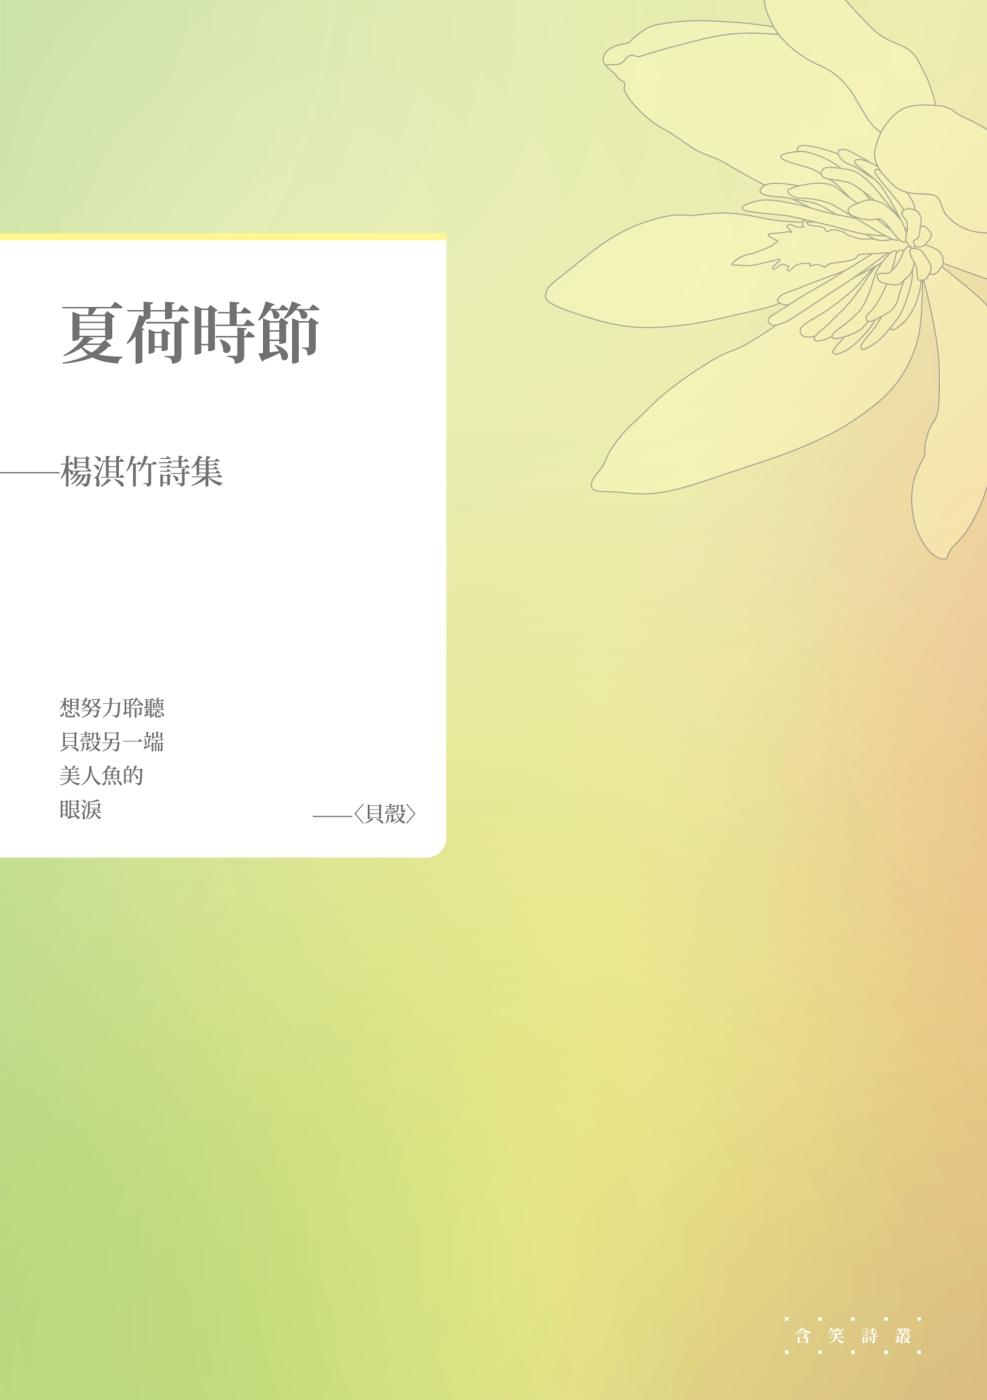 夏荷時節:楊淇竹詩集